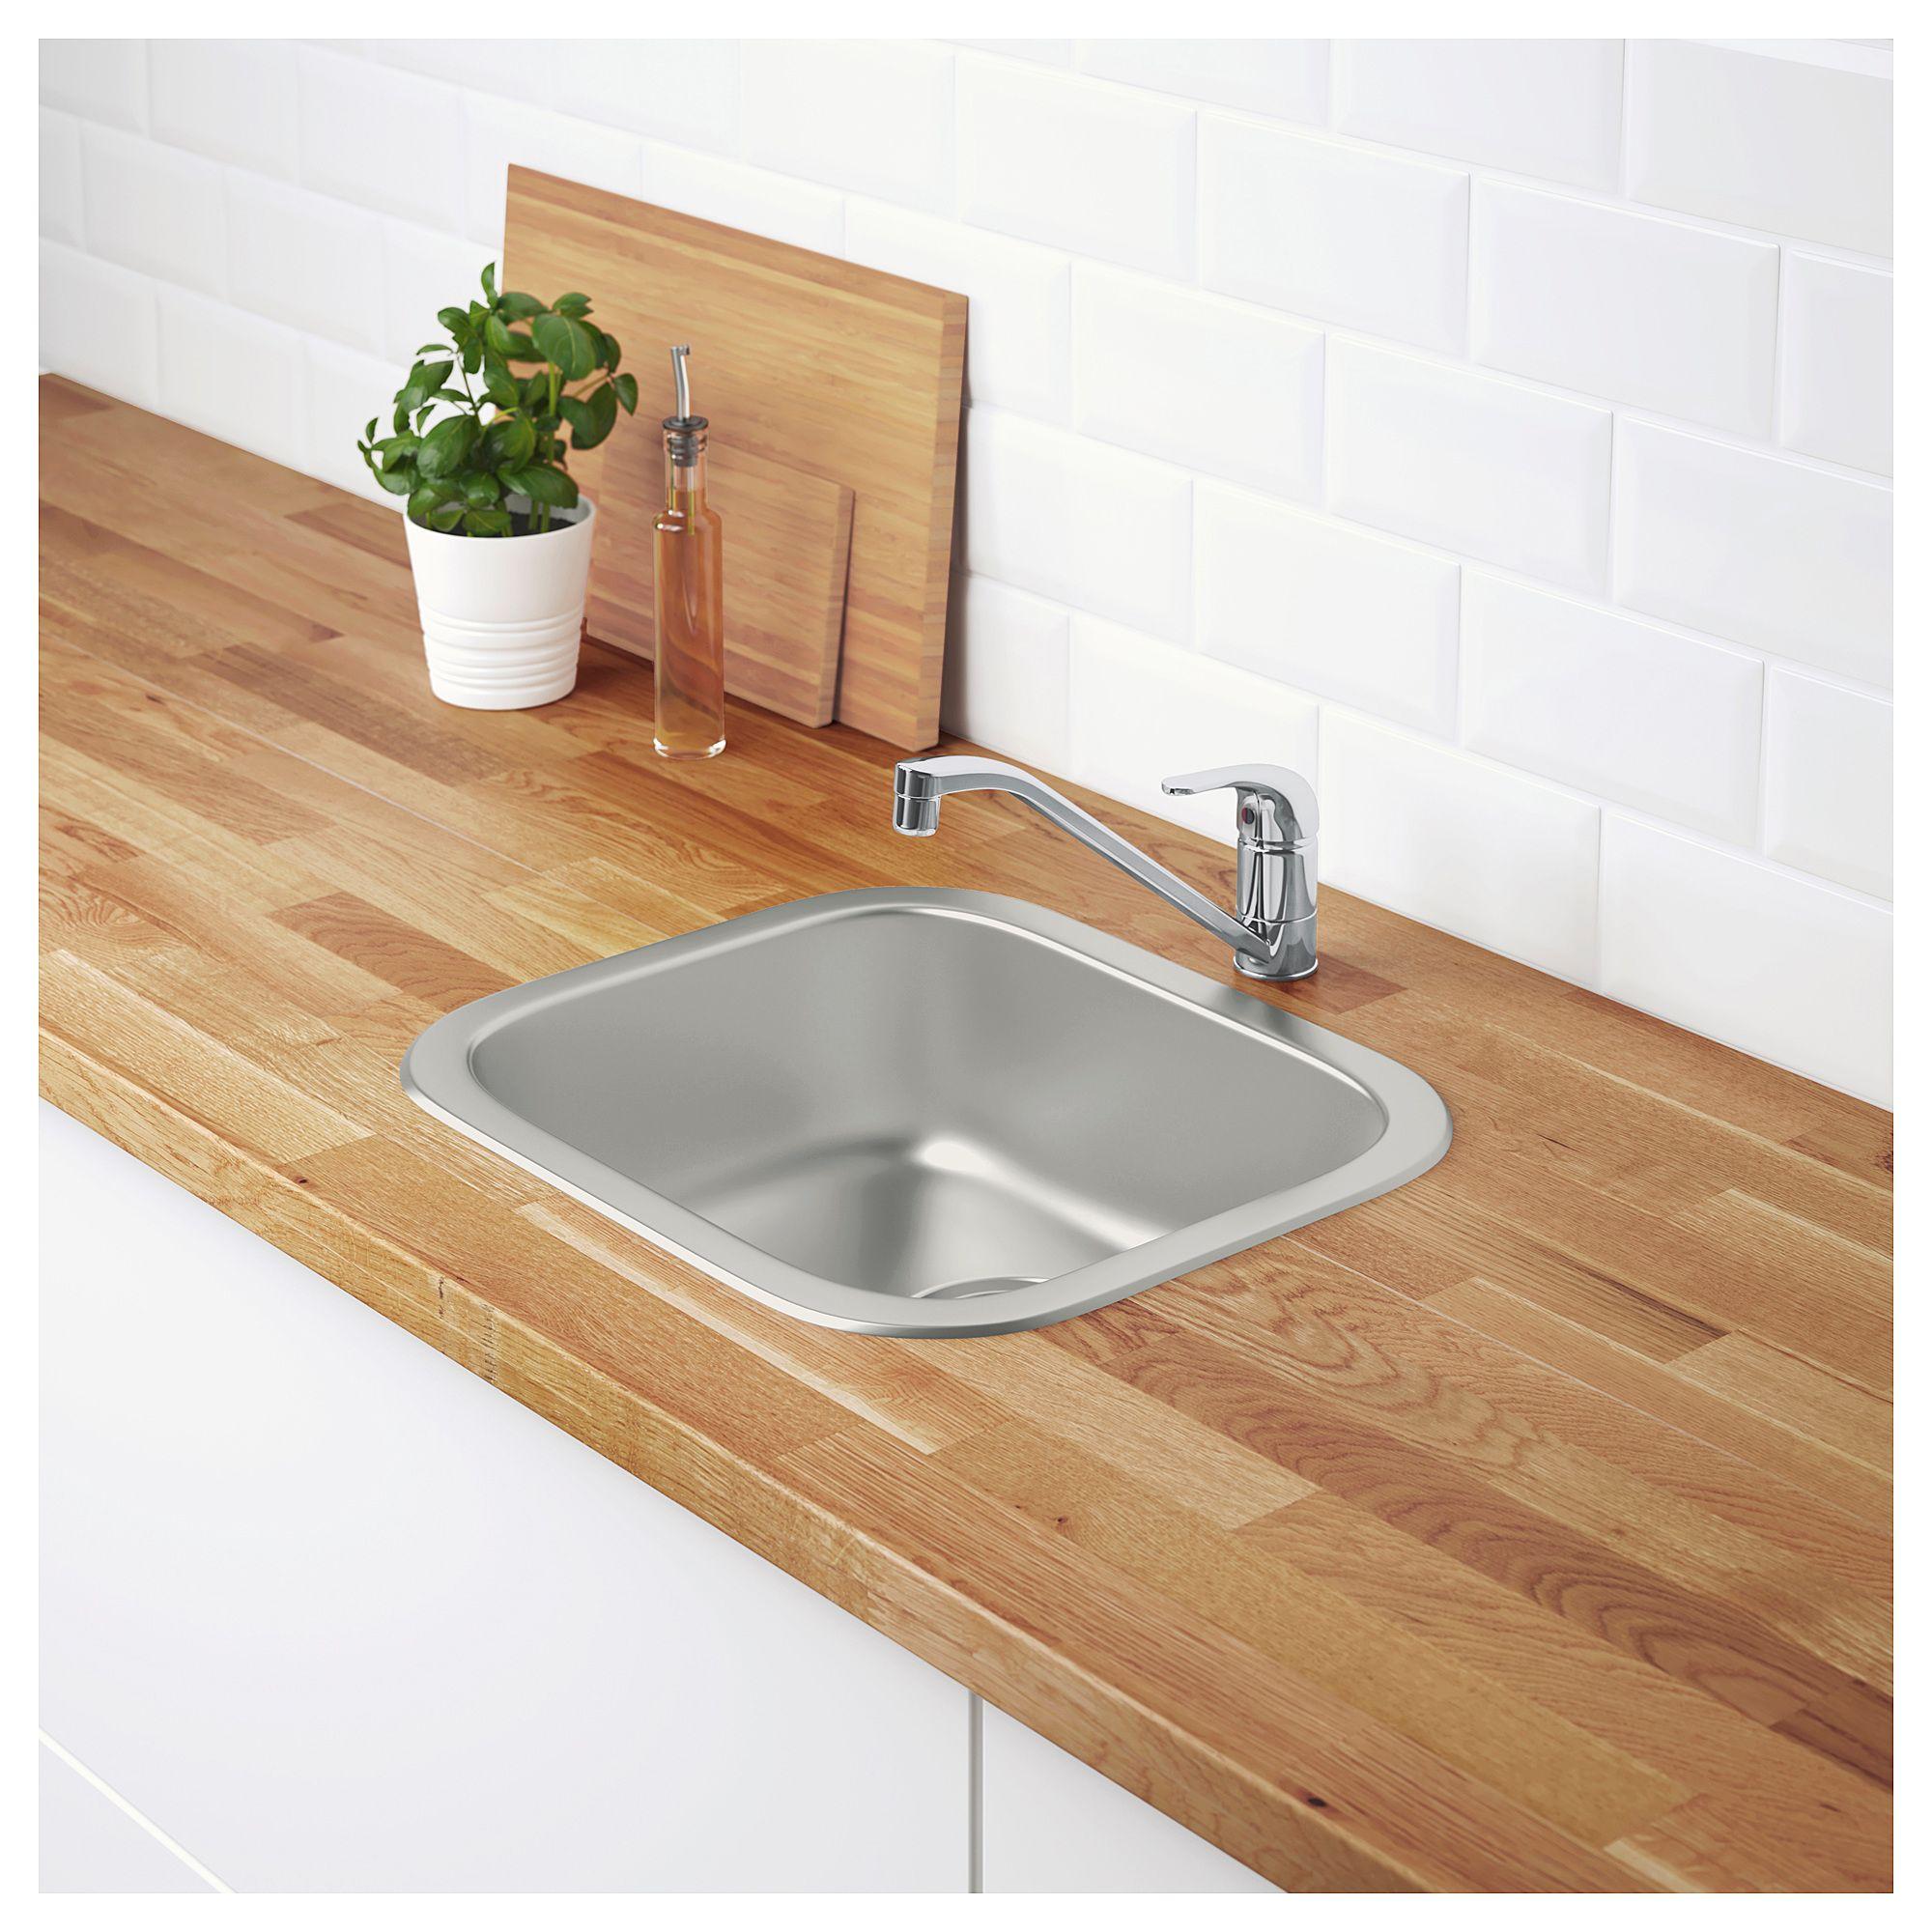 IKEA FYNDIG Sink stainless steel Inset sink, Sink